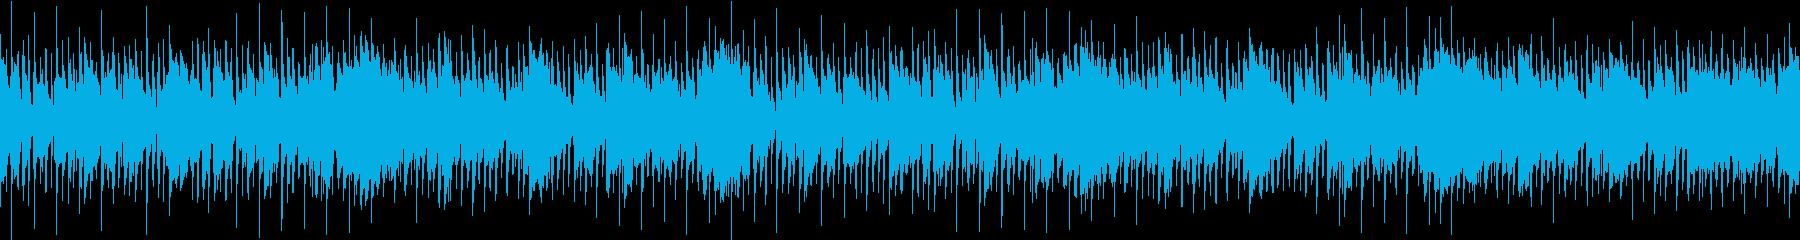 おしゃれでゆったりした企業VP用のジャズの再生済みの波形